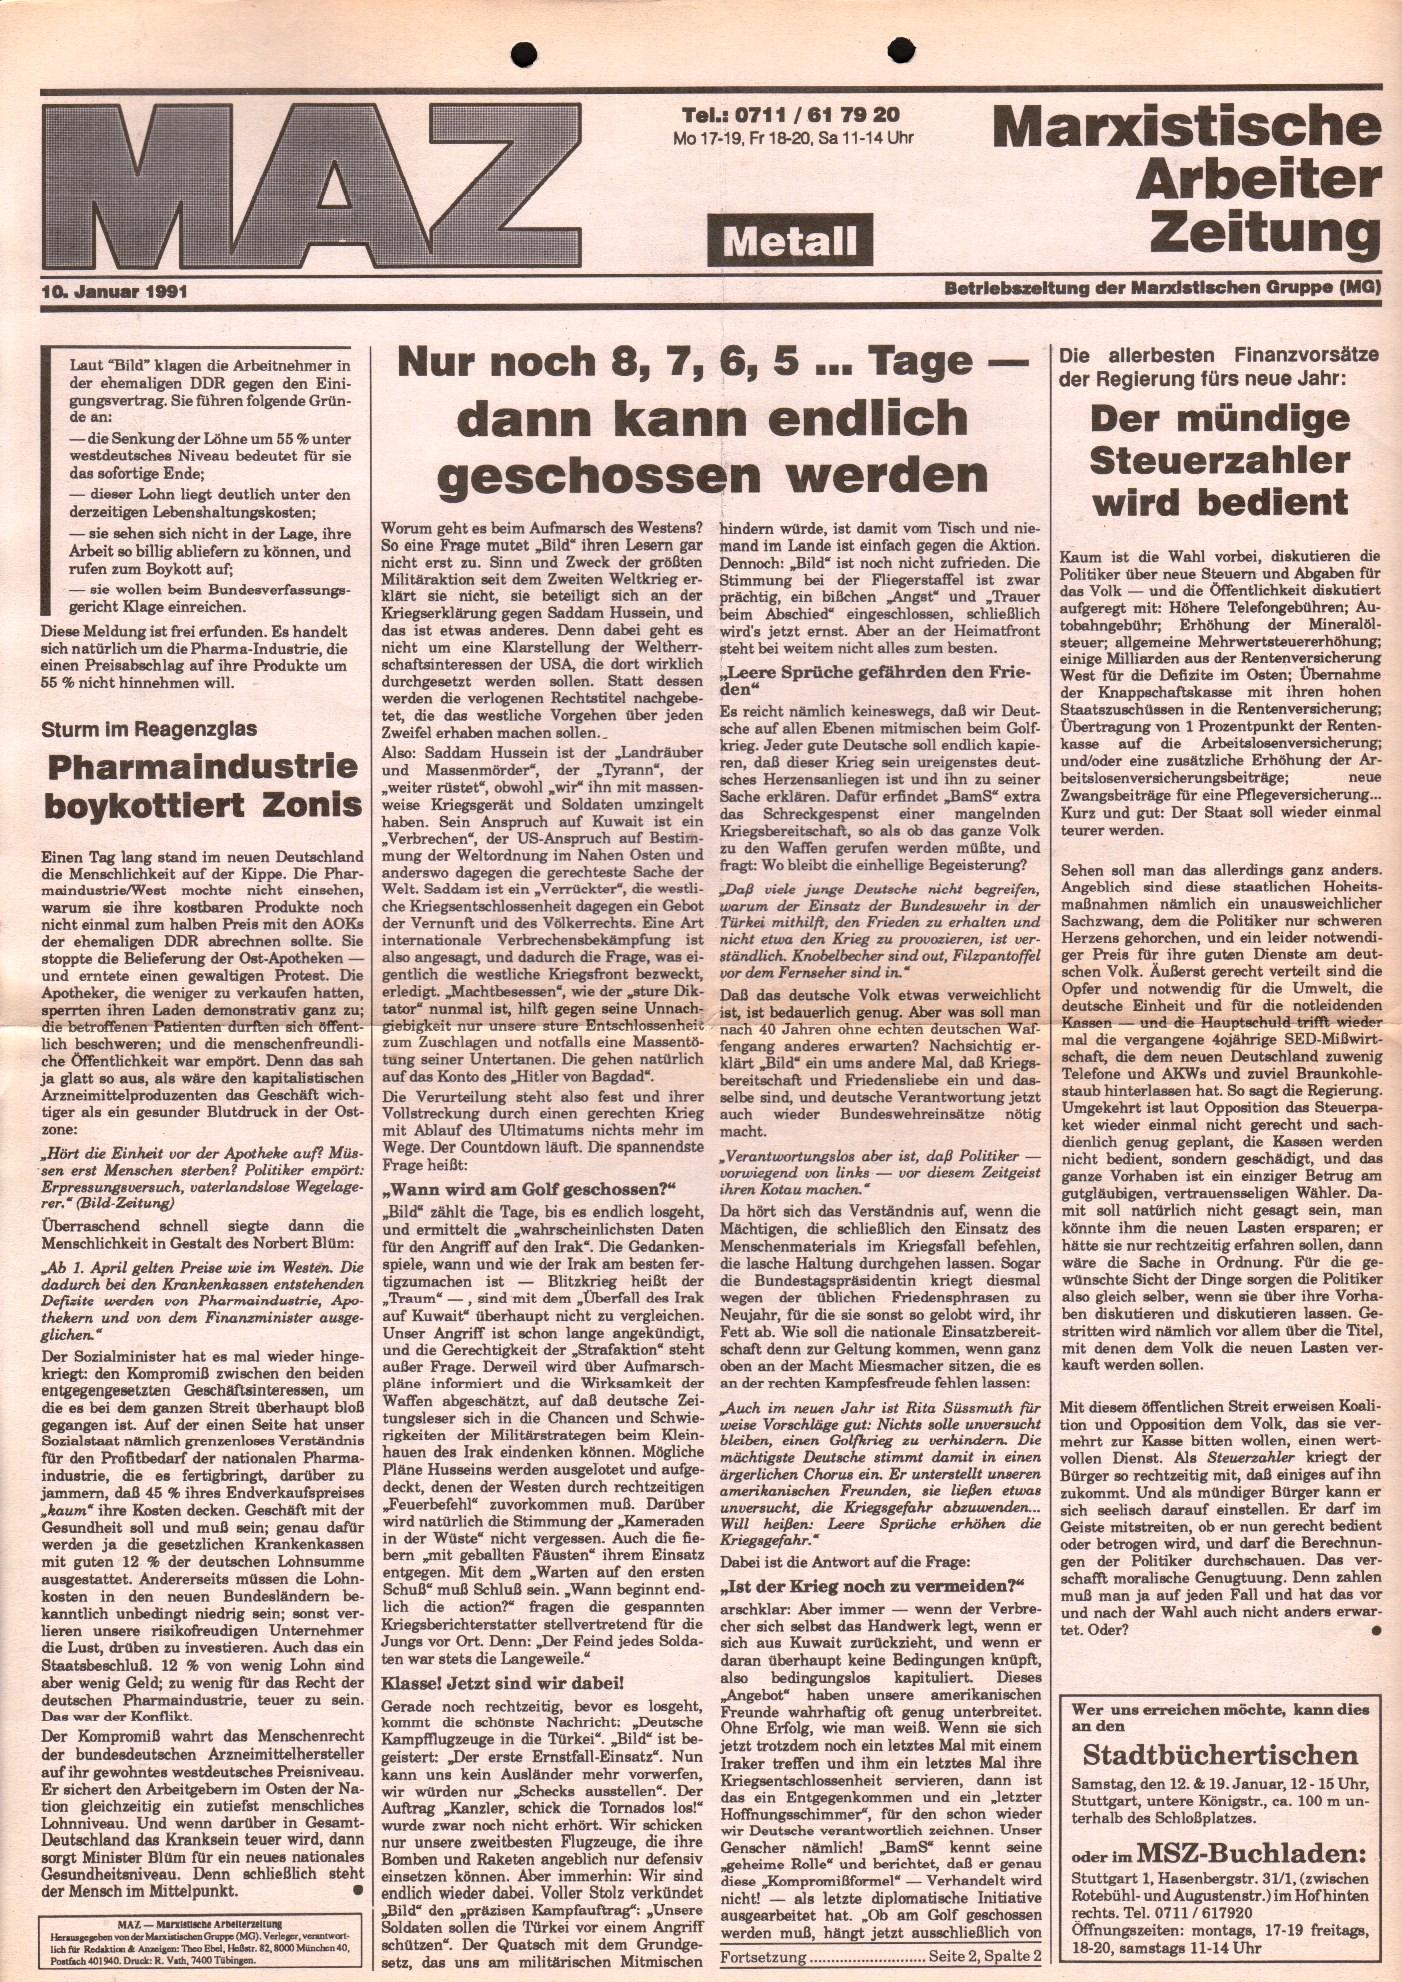 BW_MG_Marxistische_Arbeiterzeitung_19910110_01